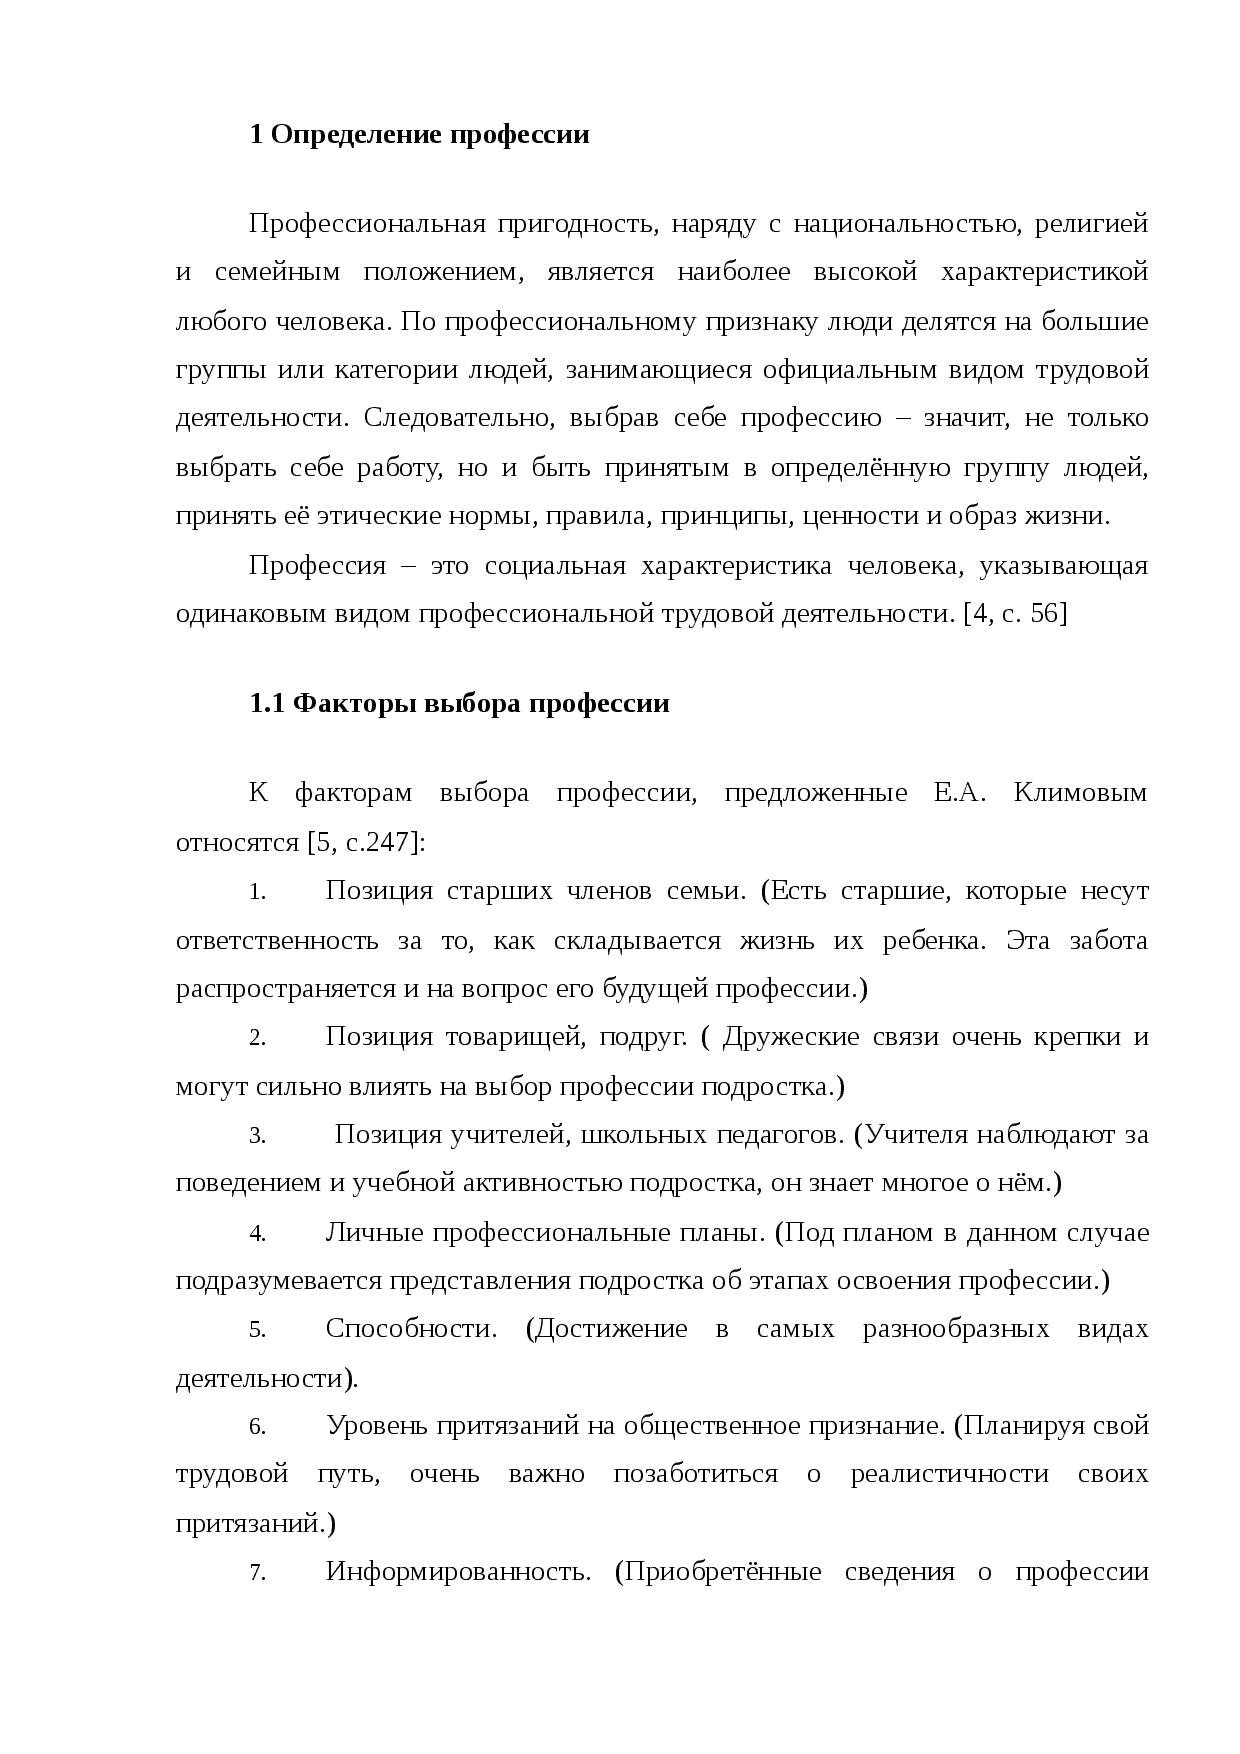 Глава 9 профессиональная пригодность и профессионализм